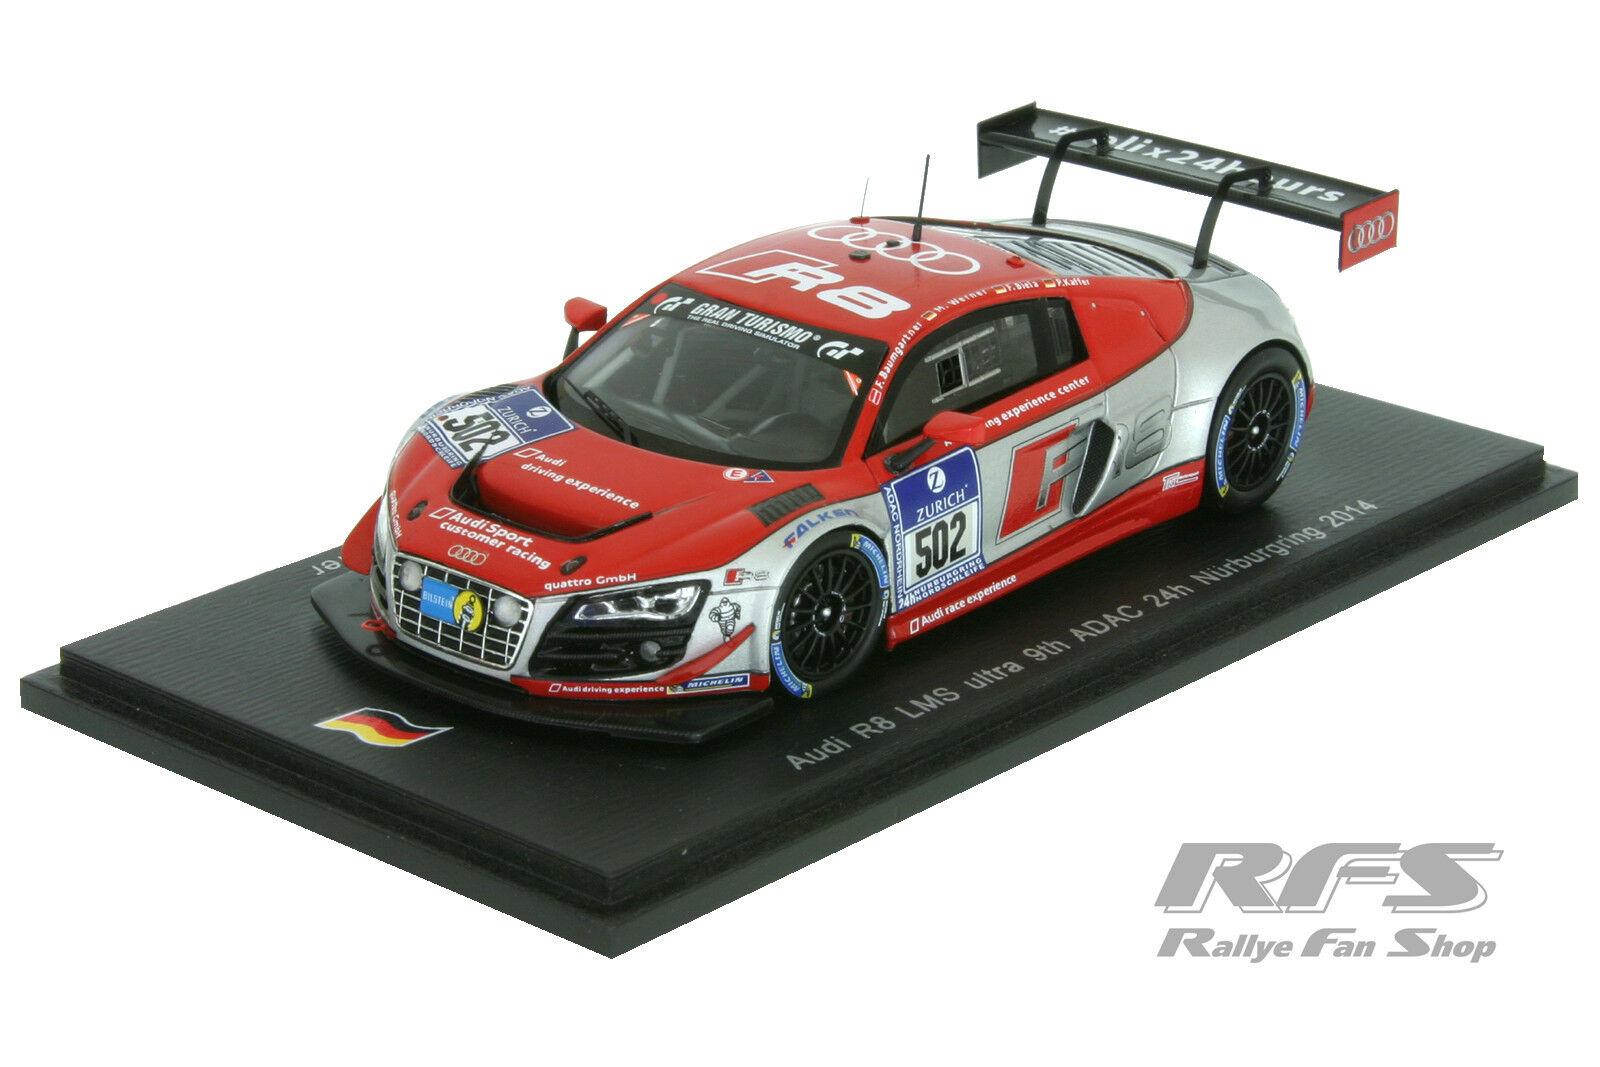 Audi r8 LMS ultra-se examina con atención - 24h nurburgring 2014 - 1 43 Spark sg 136